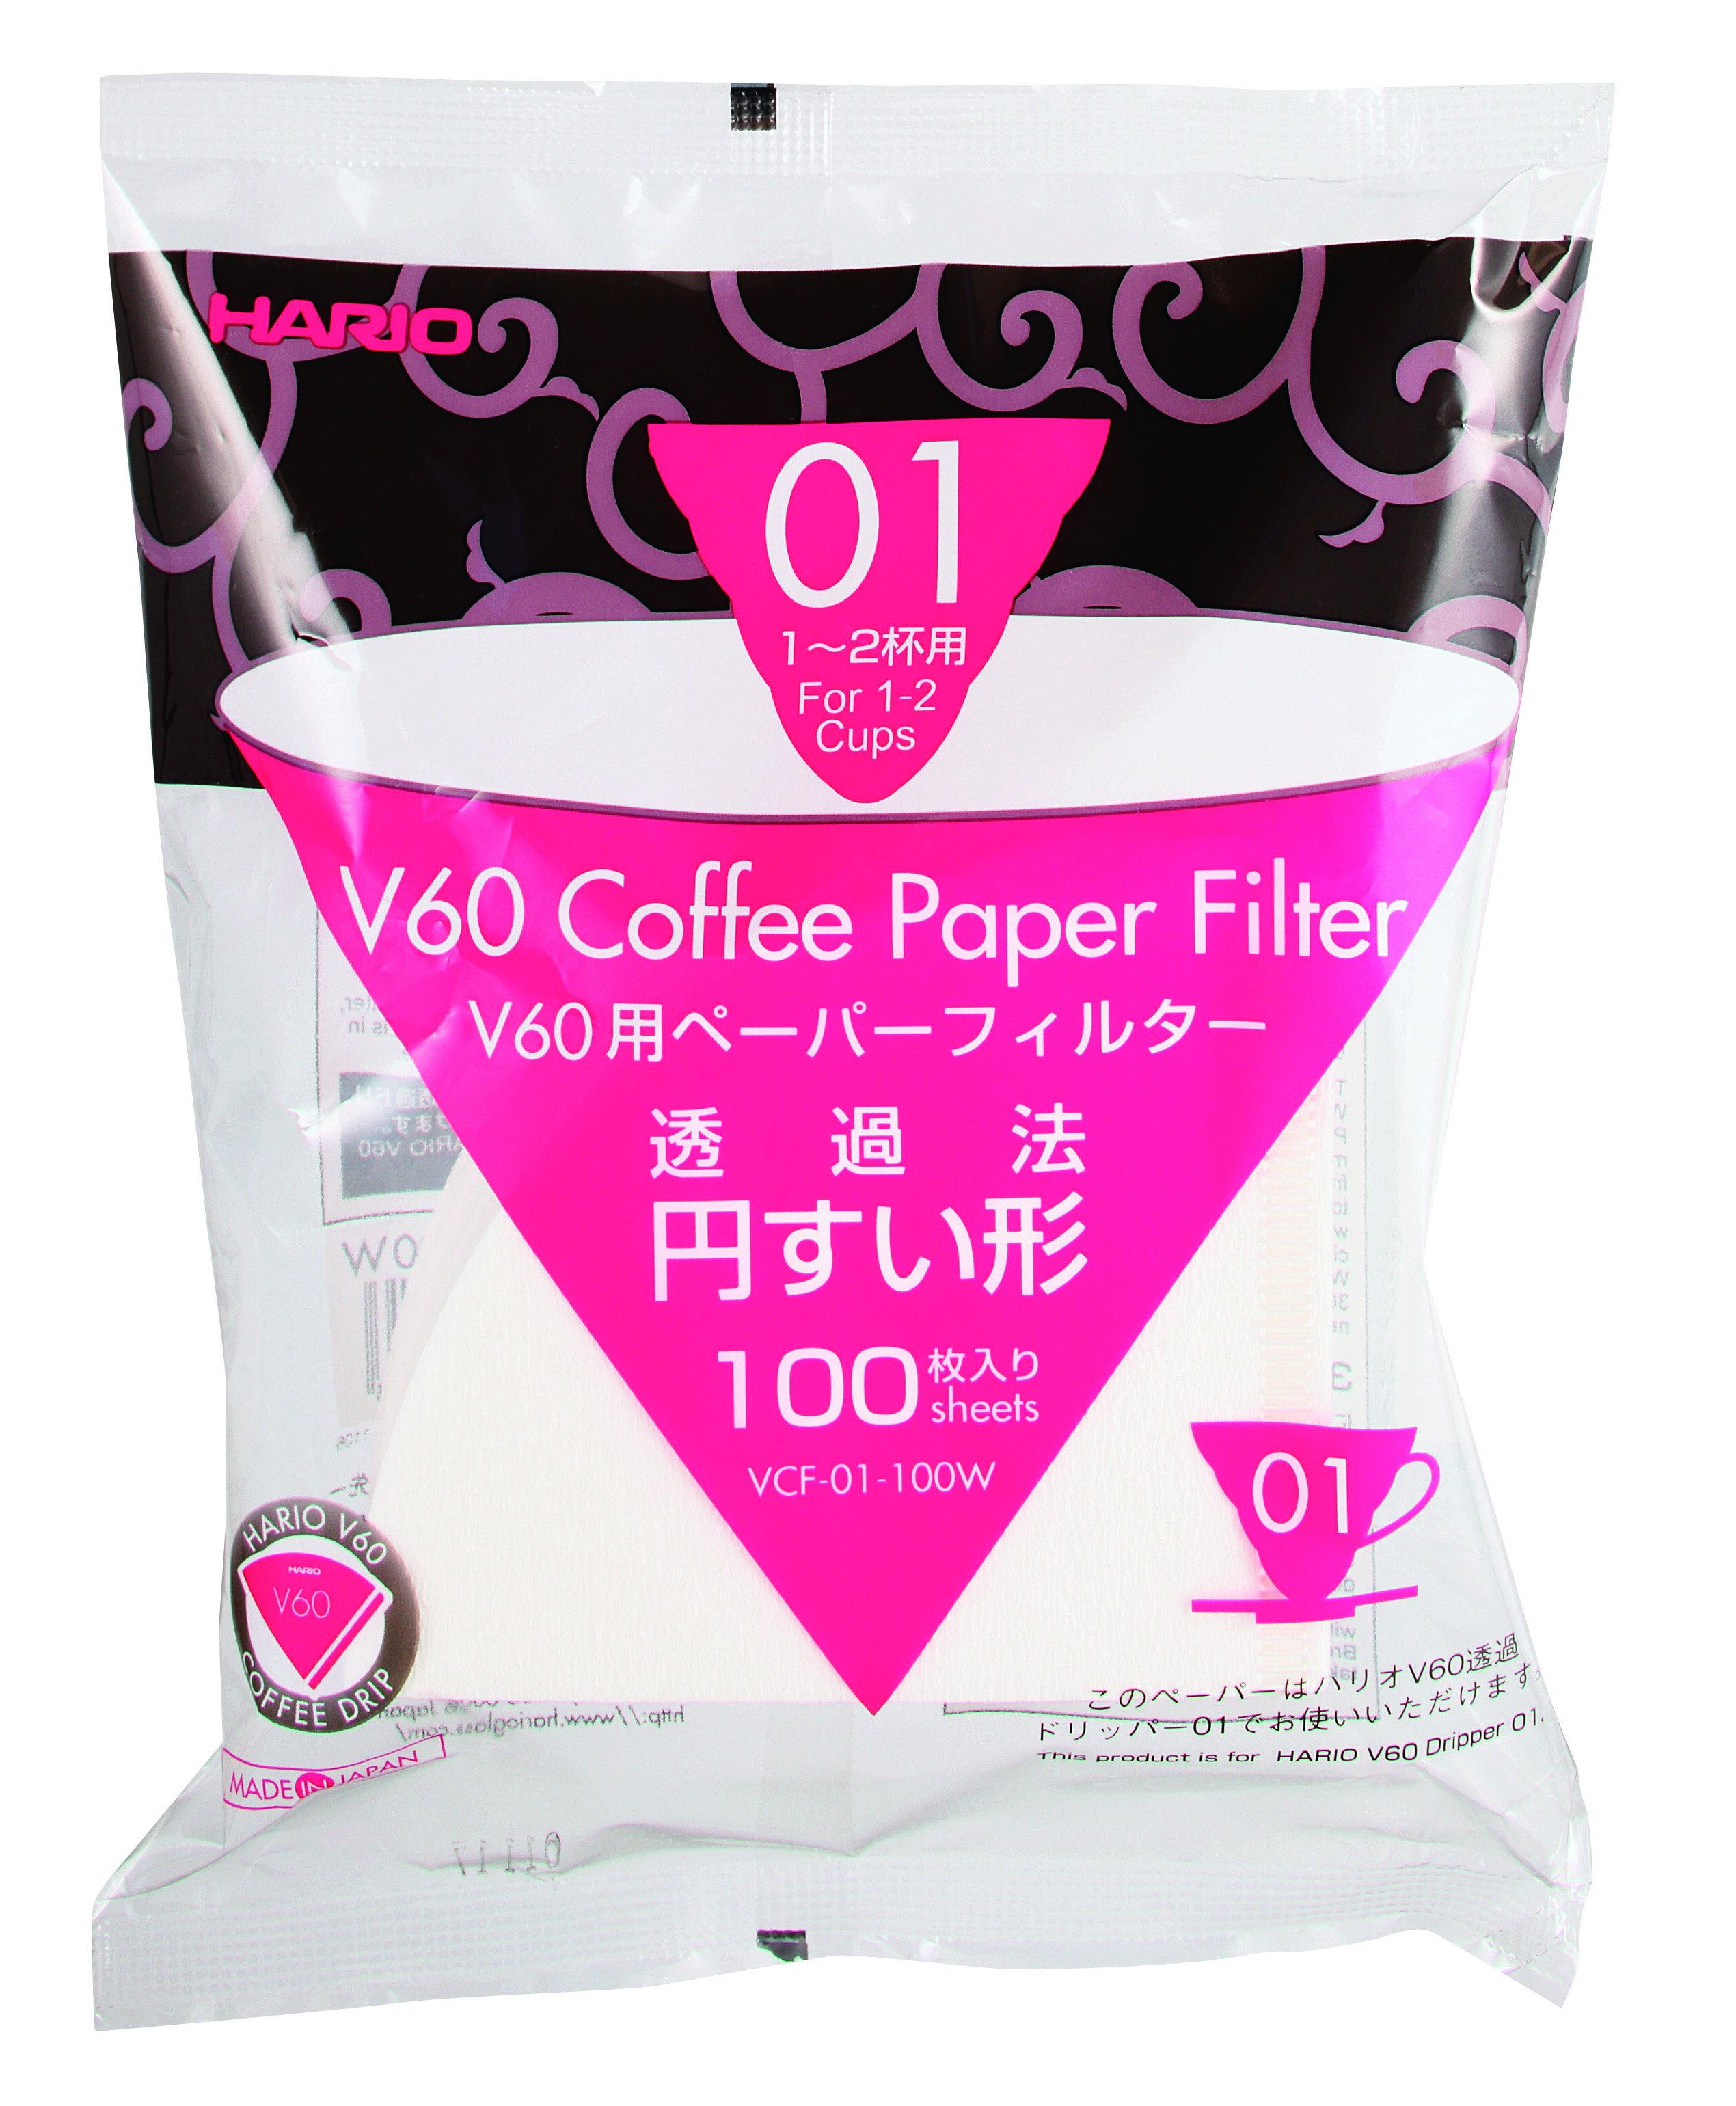 [微聲咖啡] Hario VCF-01-100W 酵素漂白 咖啡 濾紙 1-2 杯用 100 枚/包